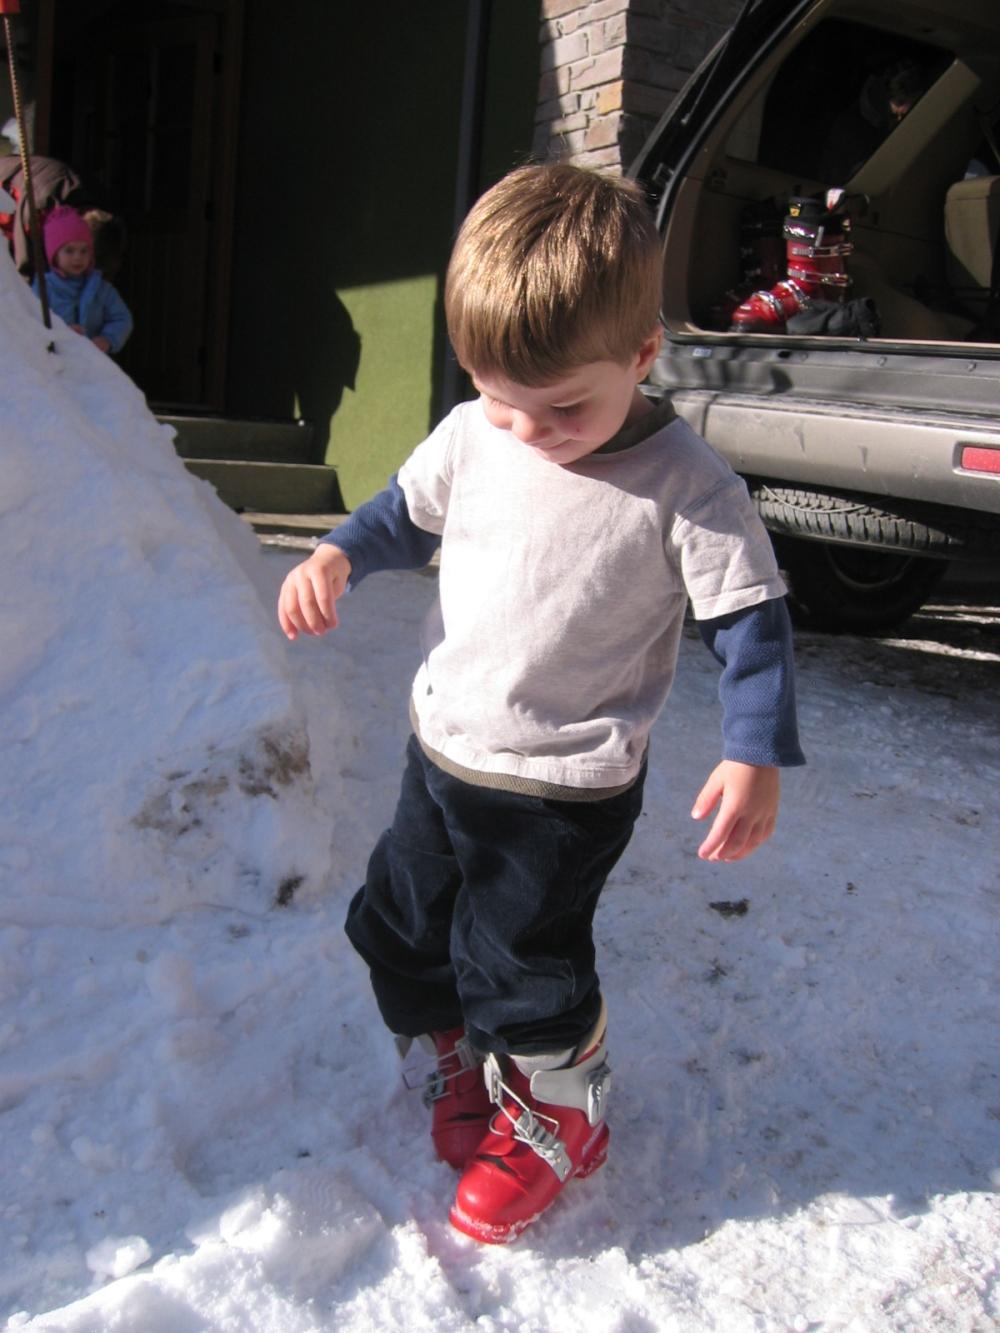 Ski boots at 2